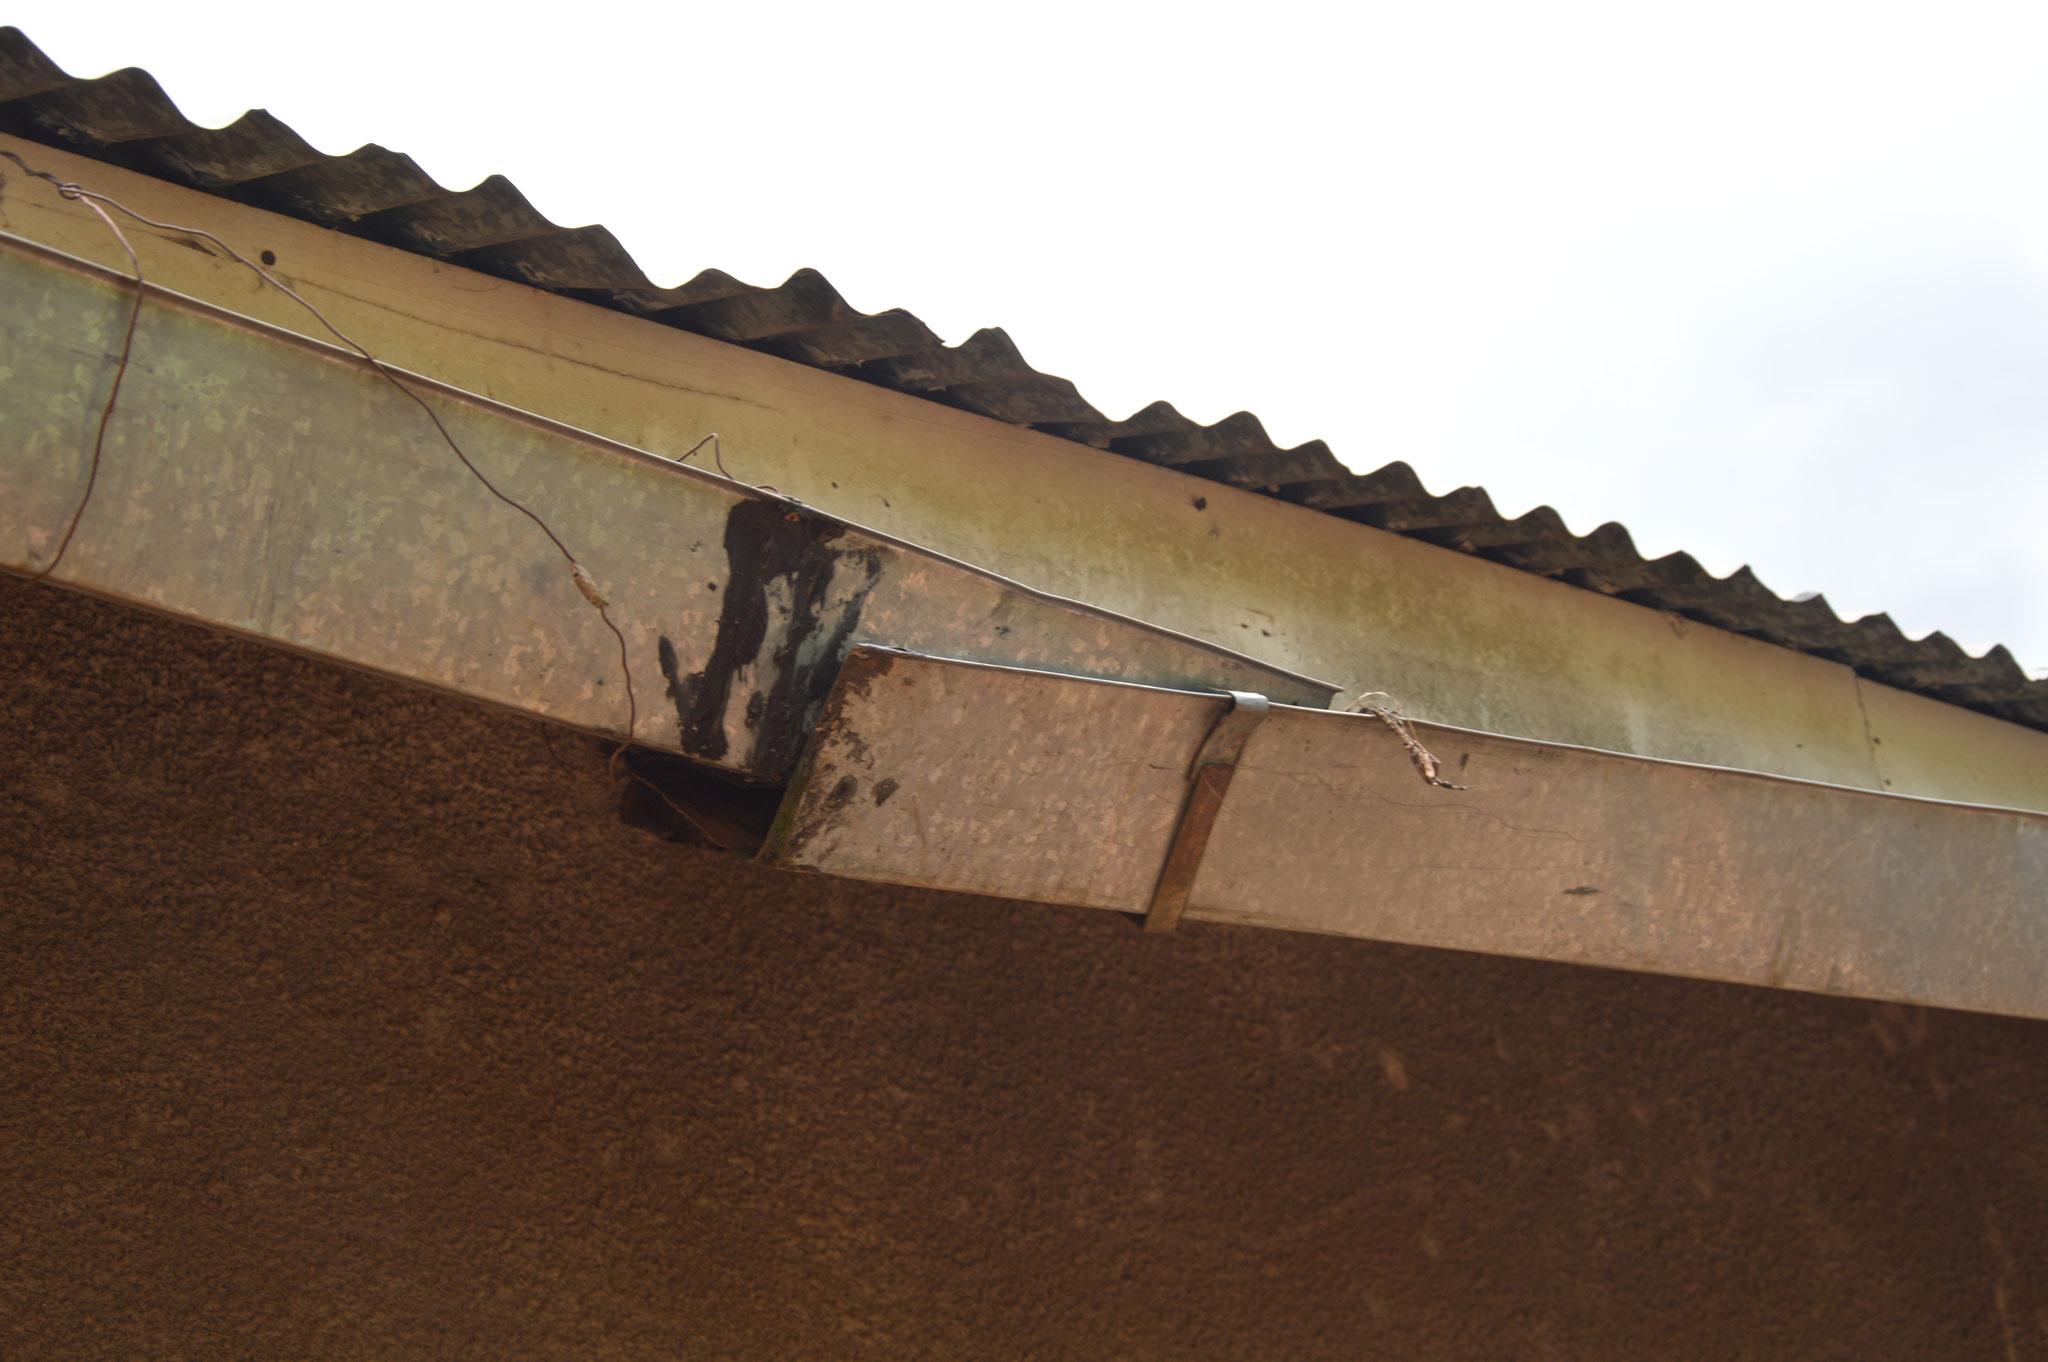 Ebenfalls die Dachrinnen sind kaputt und müssen neu ersetzt werden.